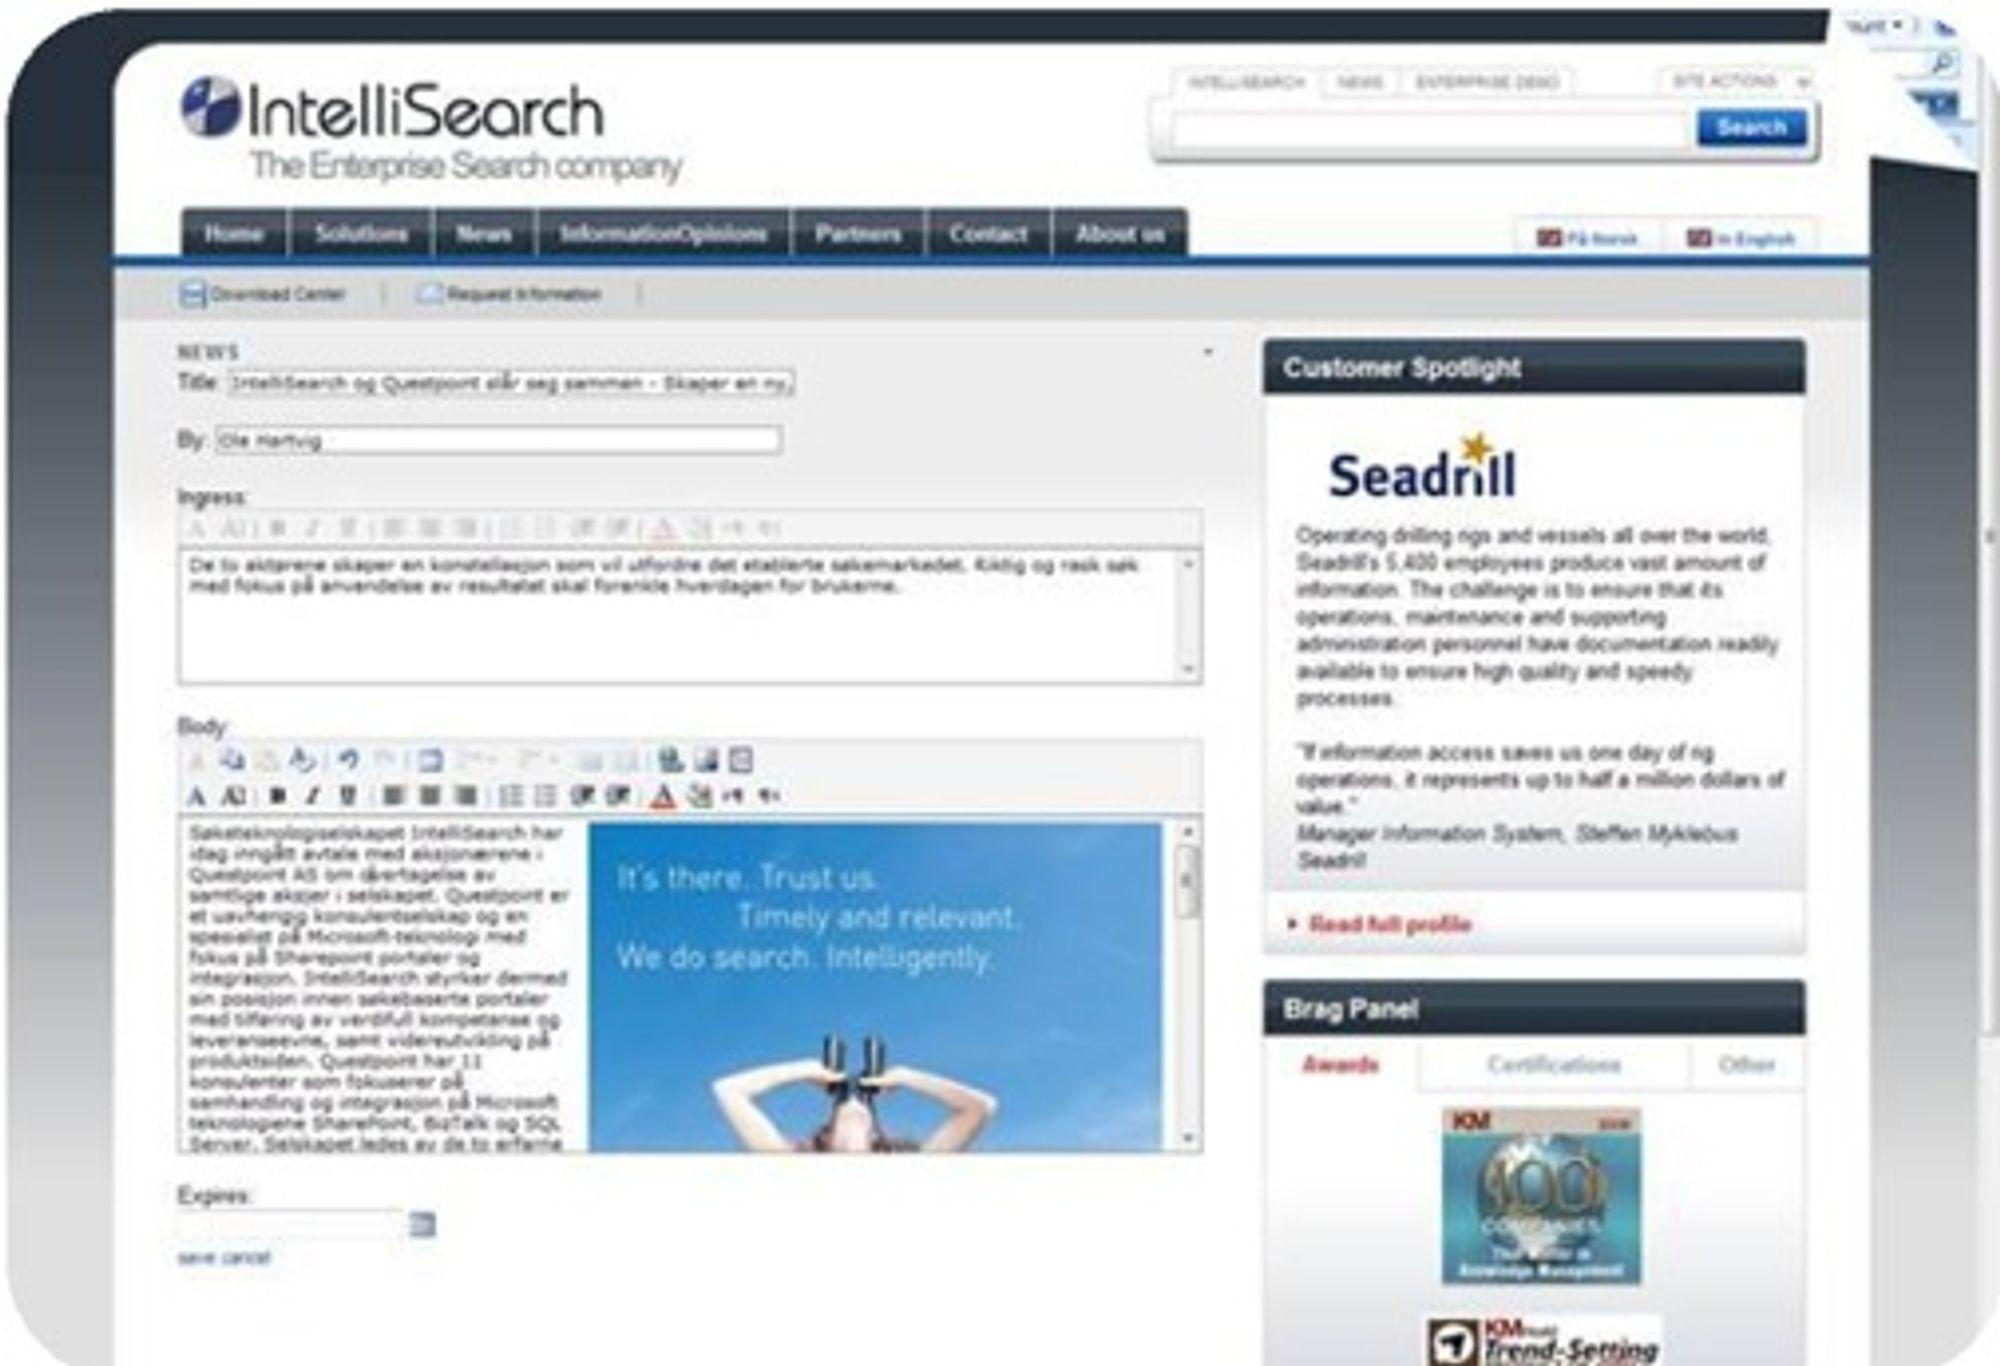 En ny nyhetsartikkel lages ved å fylle ut et skjema som vises i nettleseren.